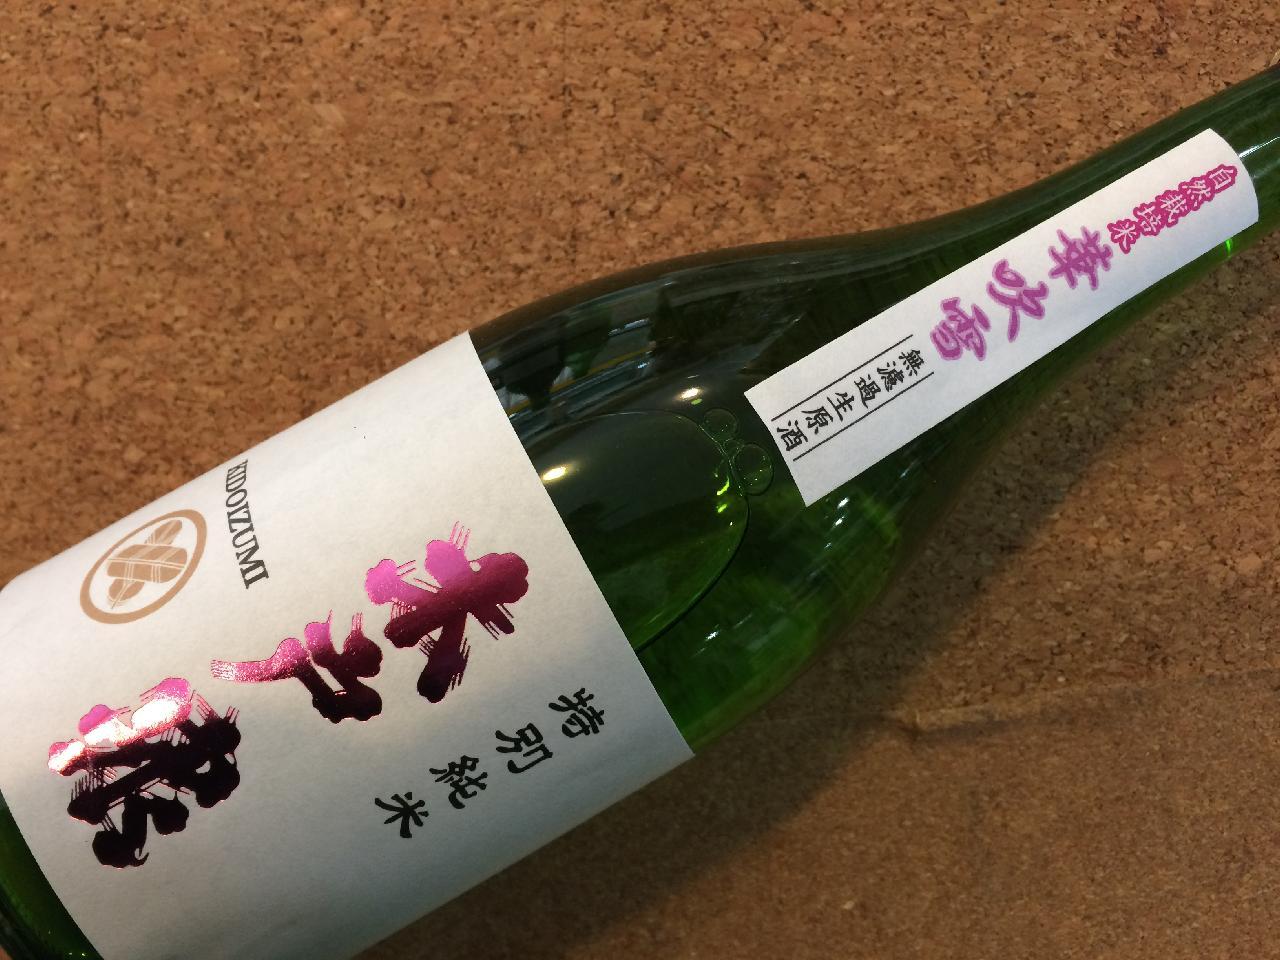 木戸泉華吹雪特別純米無ろ過生原酒720ml